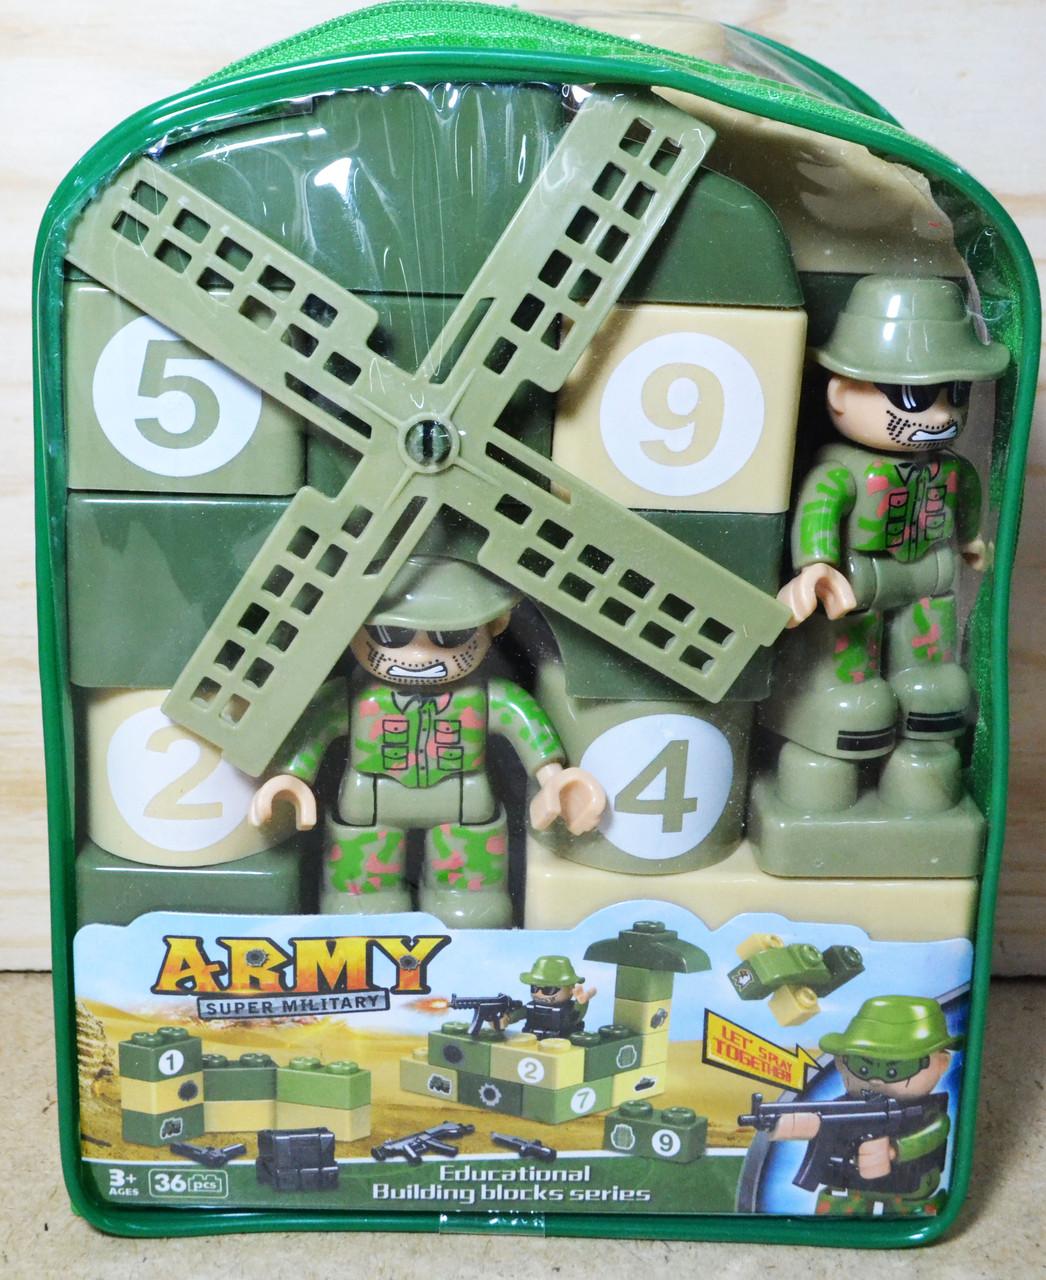 215-23 Конструктор военный в рюкзаке(цифры,мельница+2 солдат)36 деталей,Army Super 20*16см